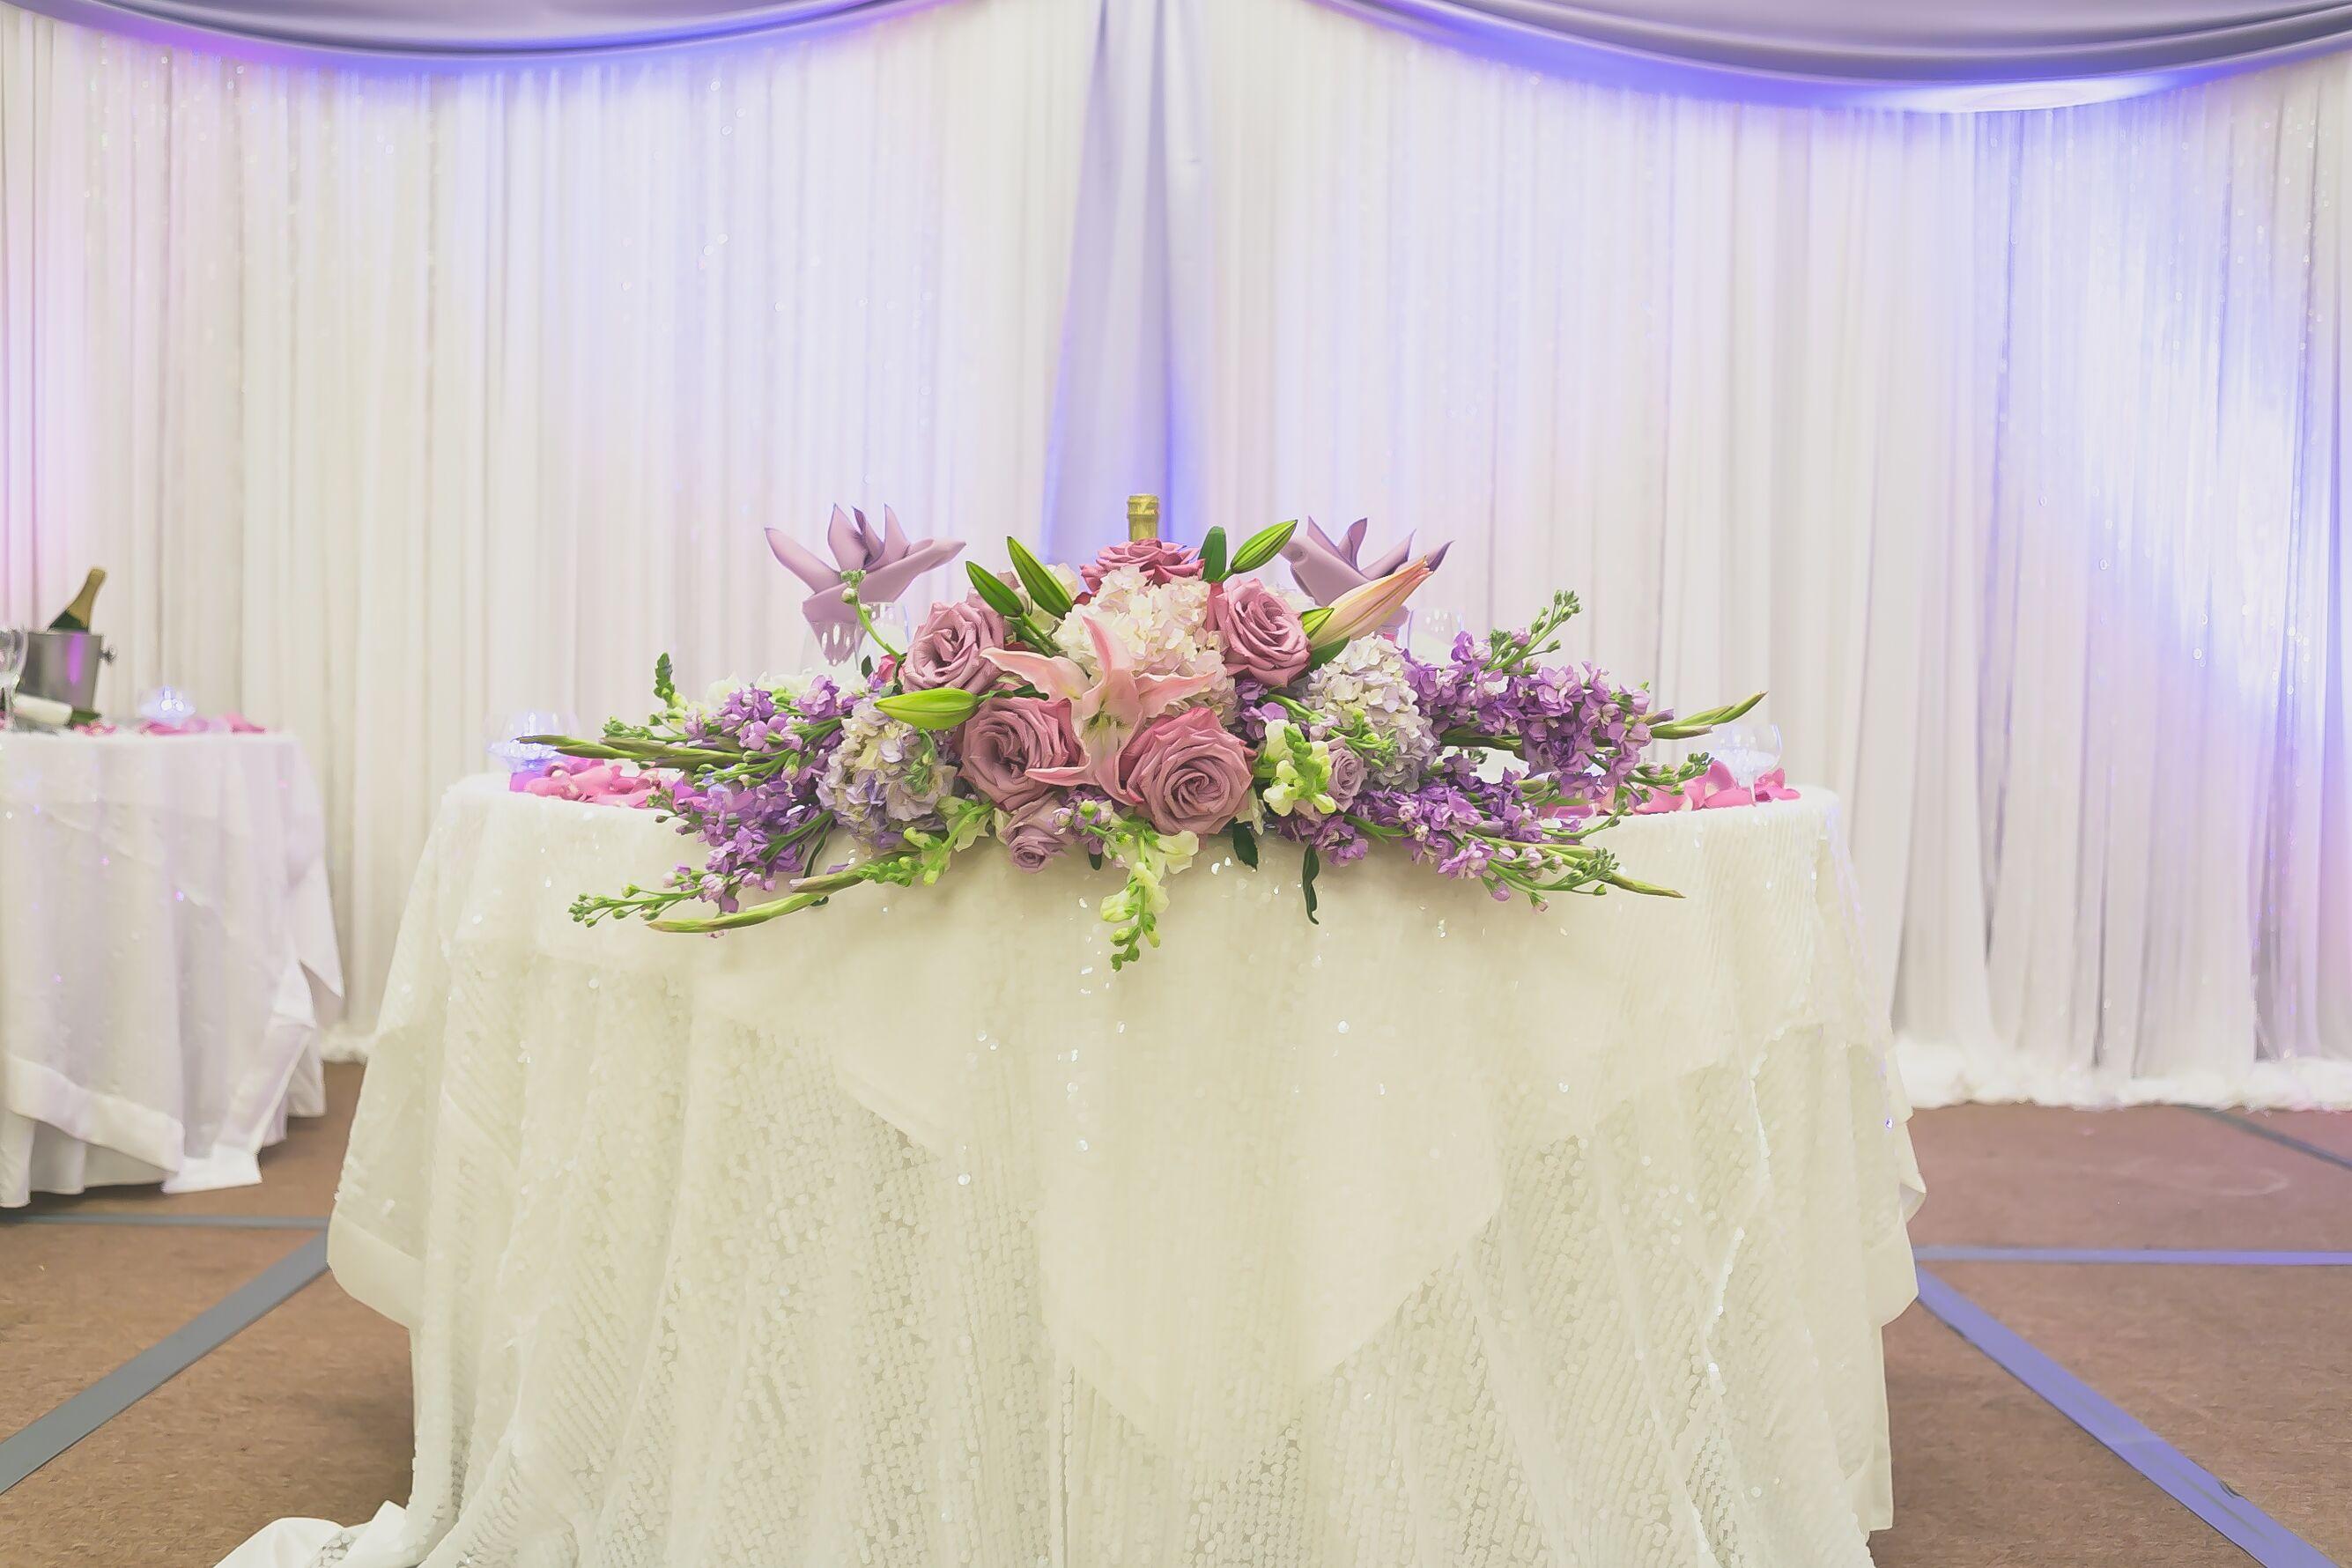 Cascading Purple Flower Sweetheart Table Centerpiece